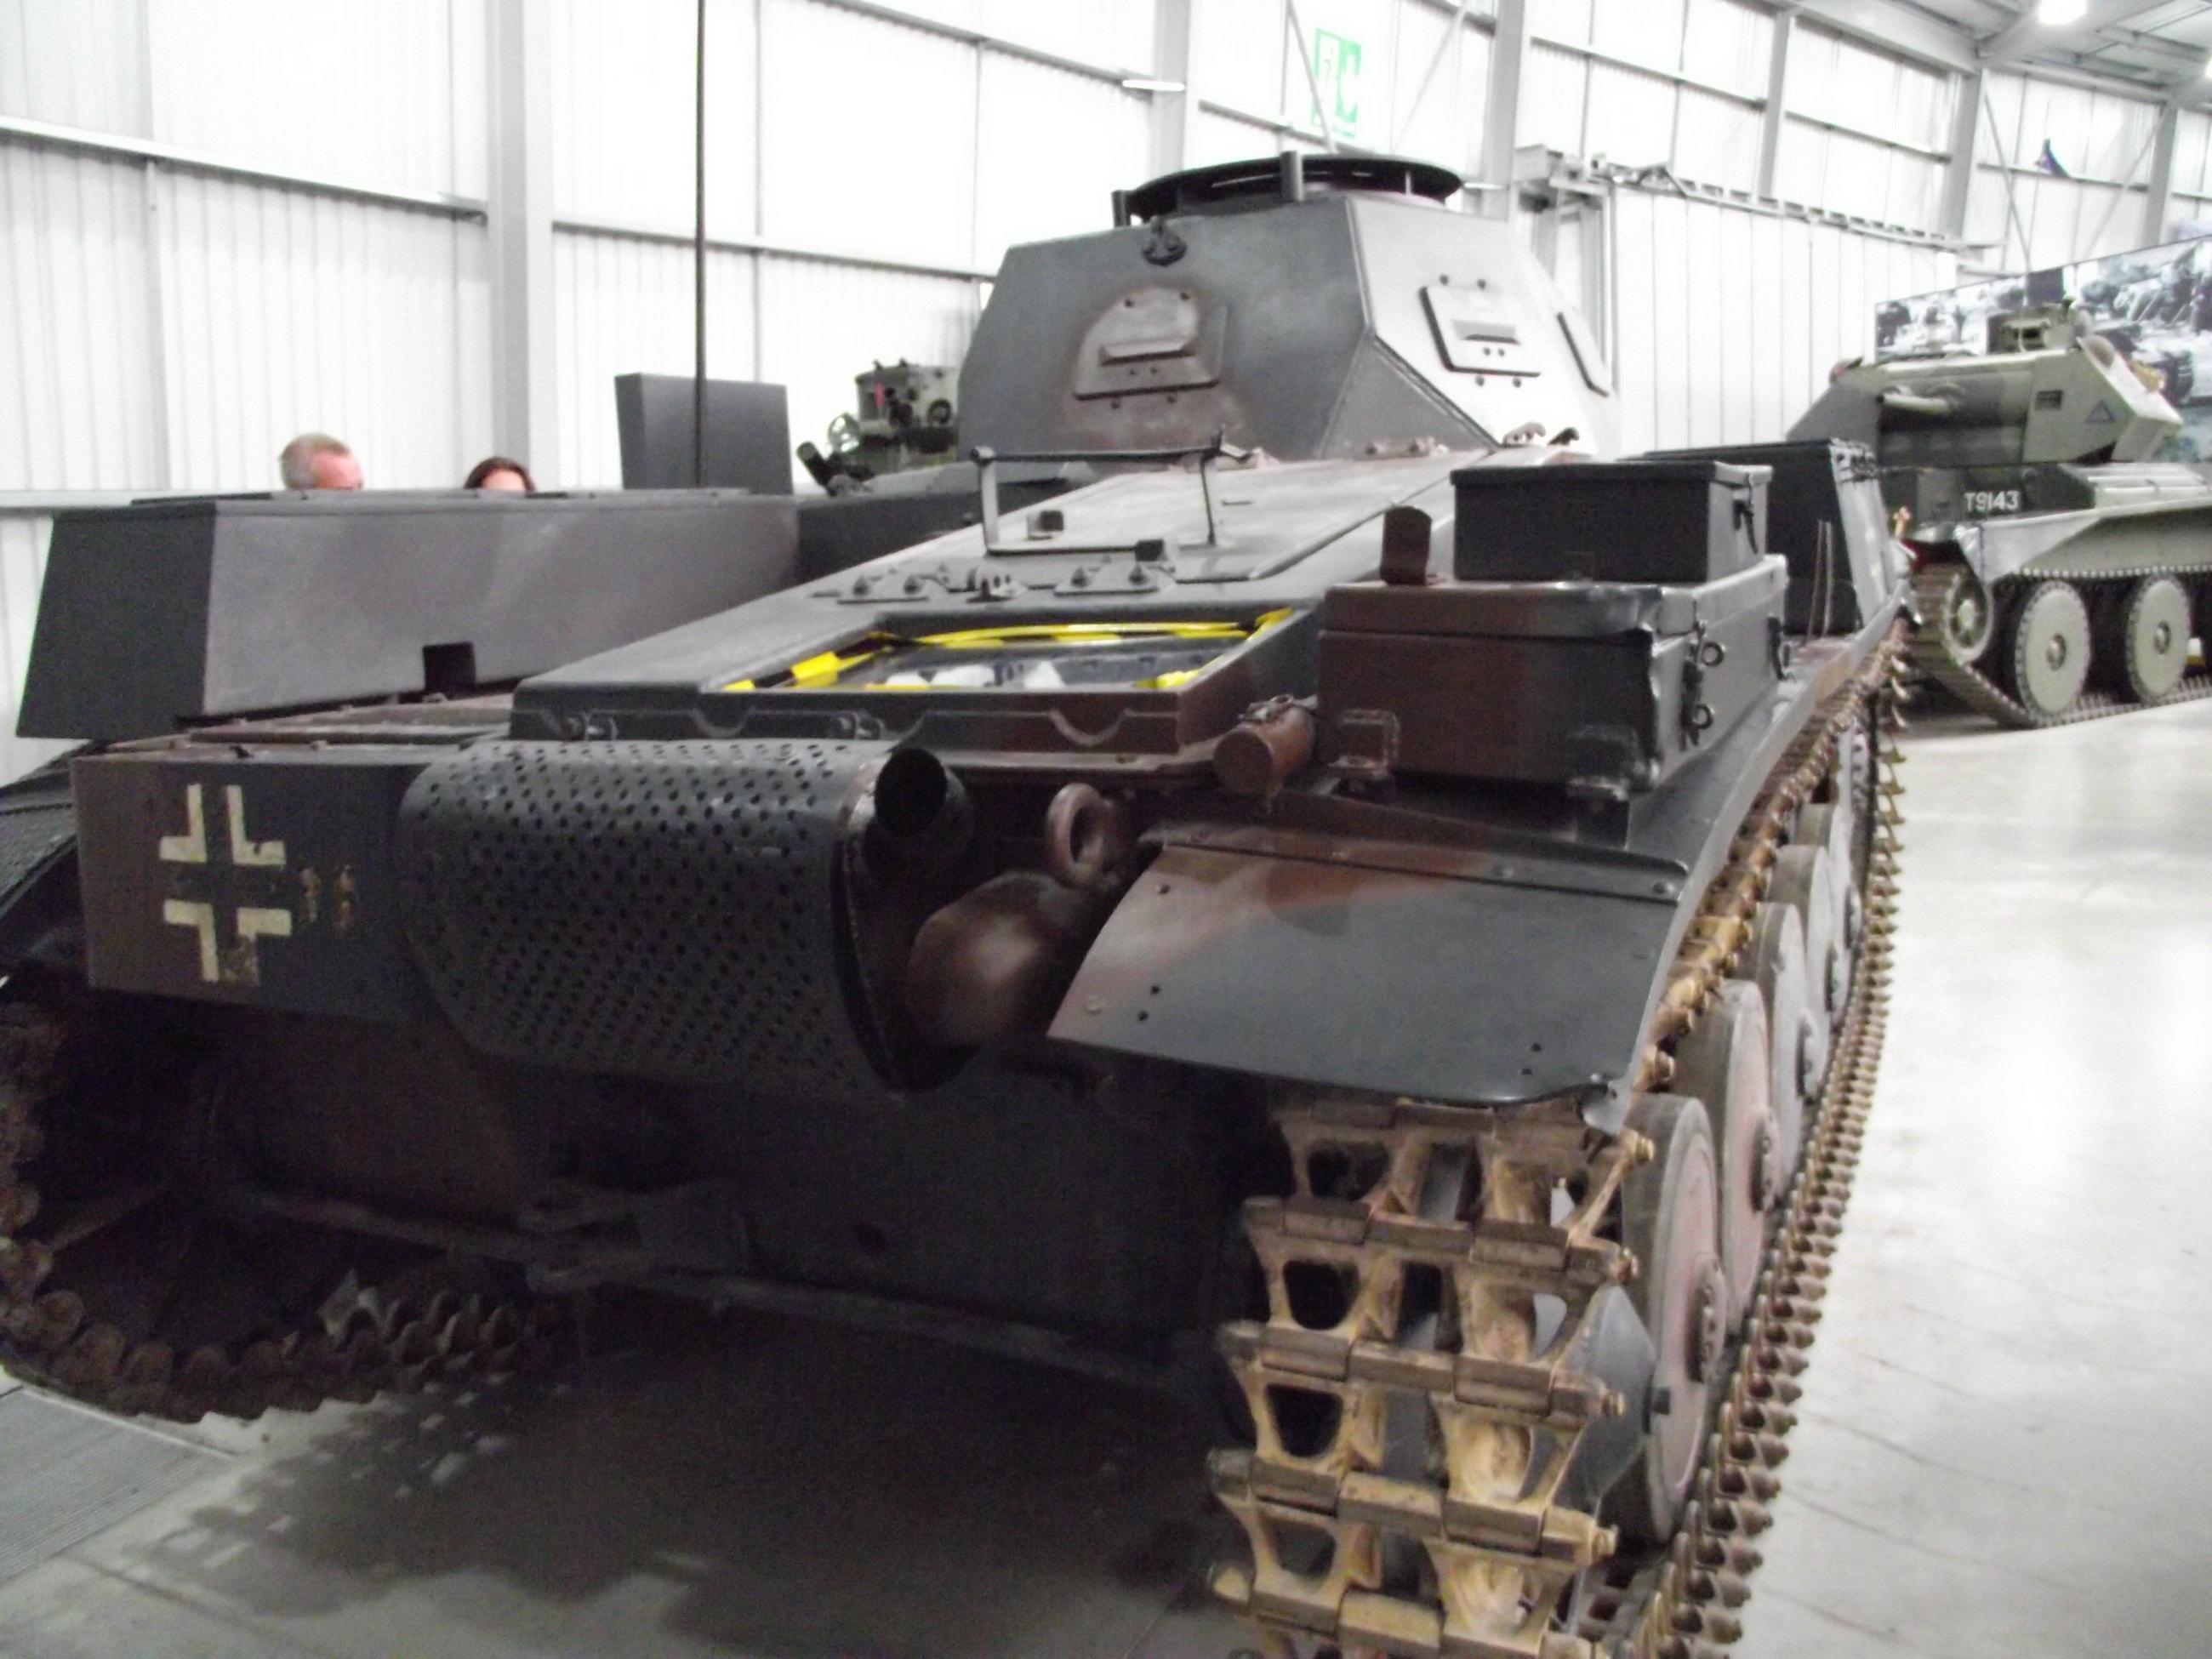 Tank_Museum_20180919_665.jpg